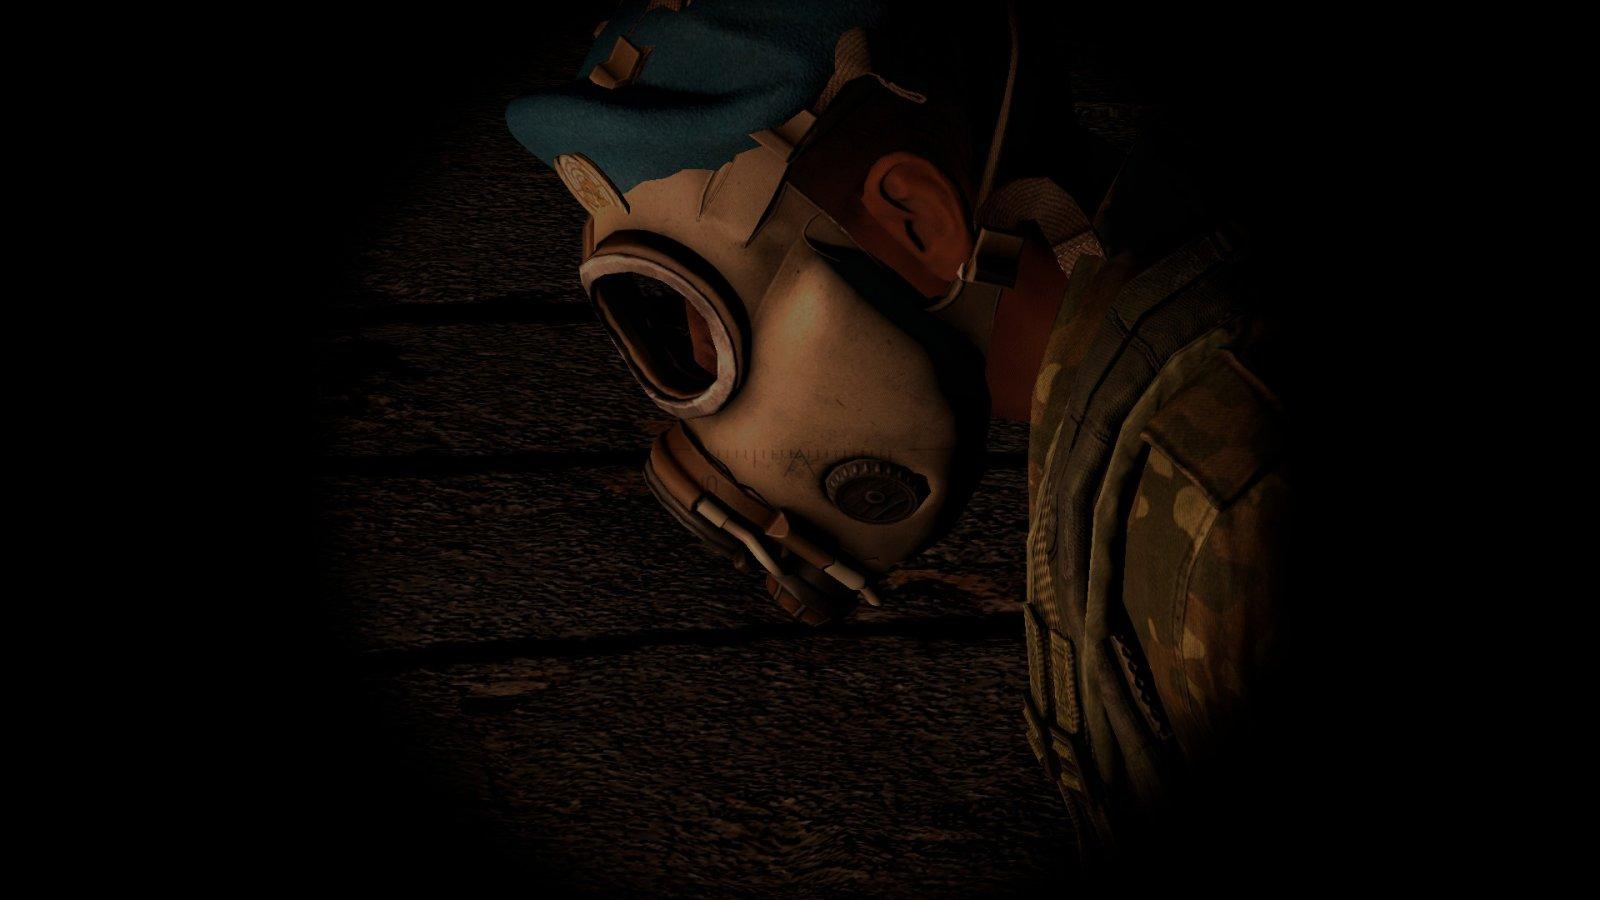 Sad UN soldier